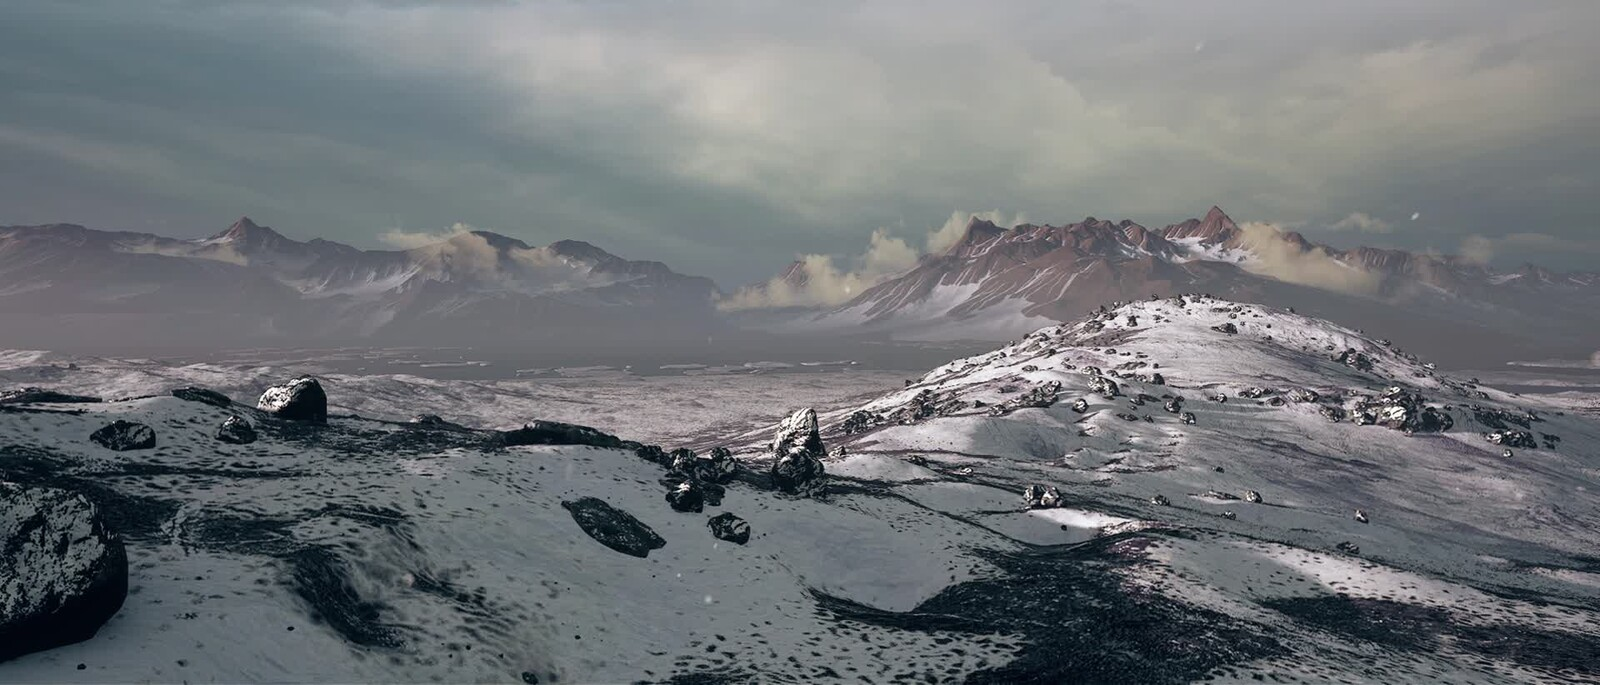 Winter Scene - Unreal Engine 4K Render